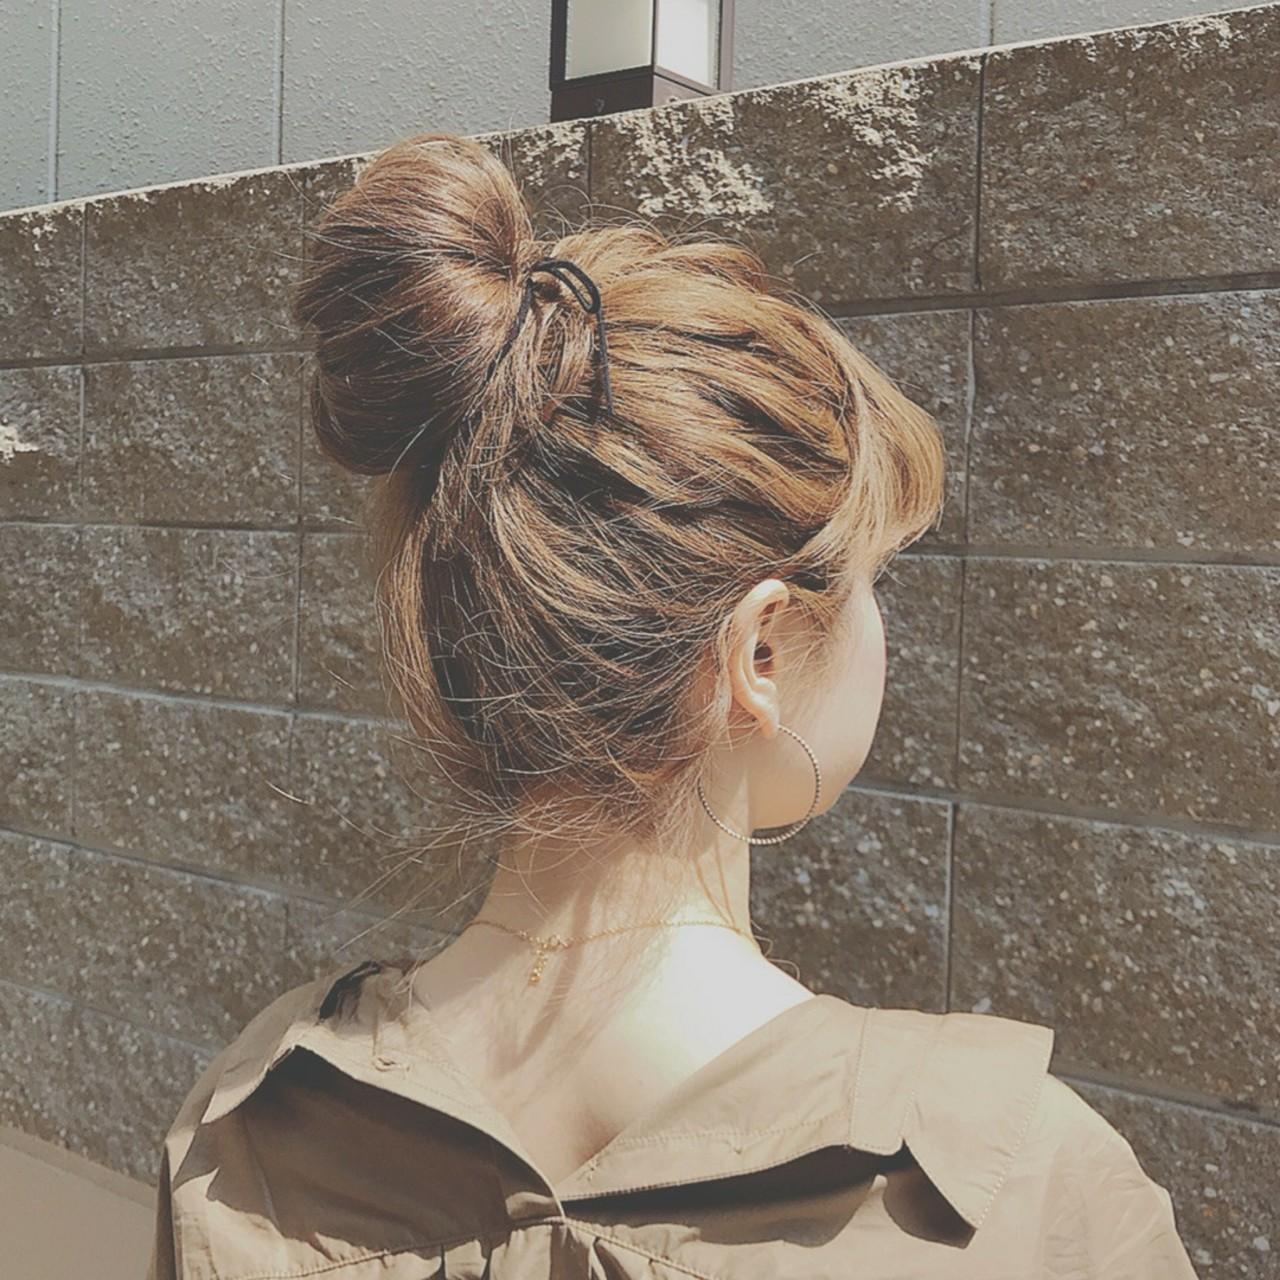 パーティ フェミニン ロング ヘアアレンジ ヘアスタイルや髪型の写真・画像 | 浦川由起江 / nanon